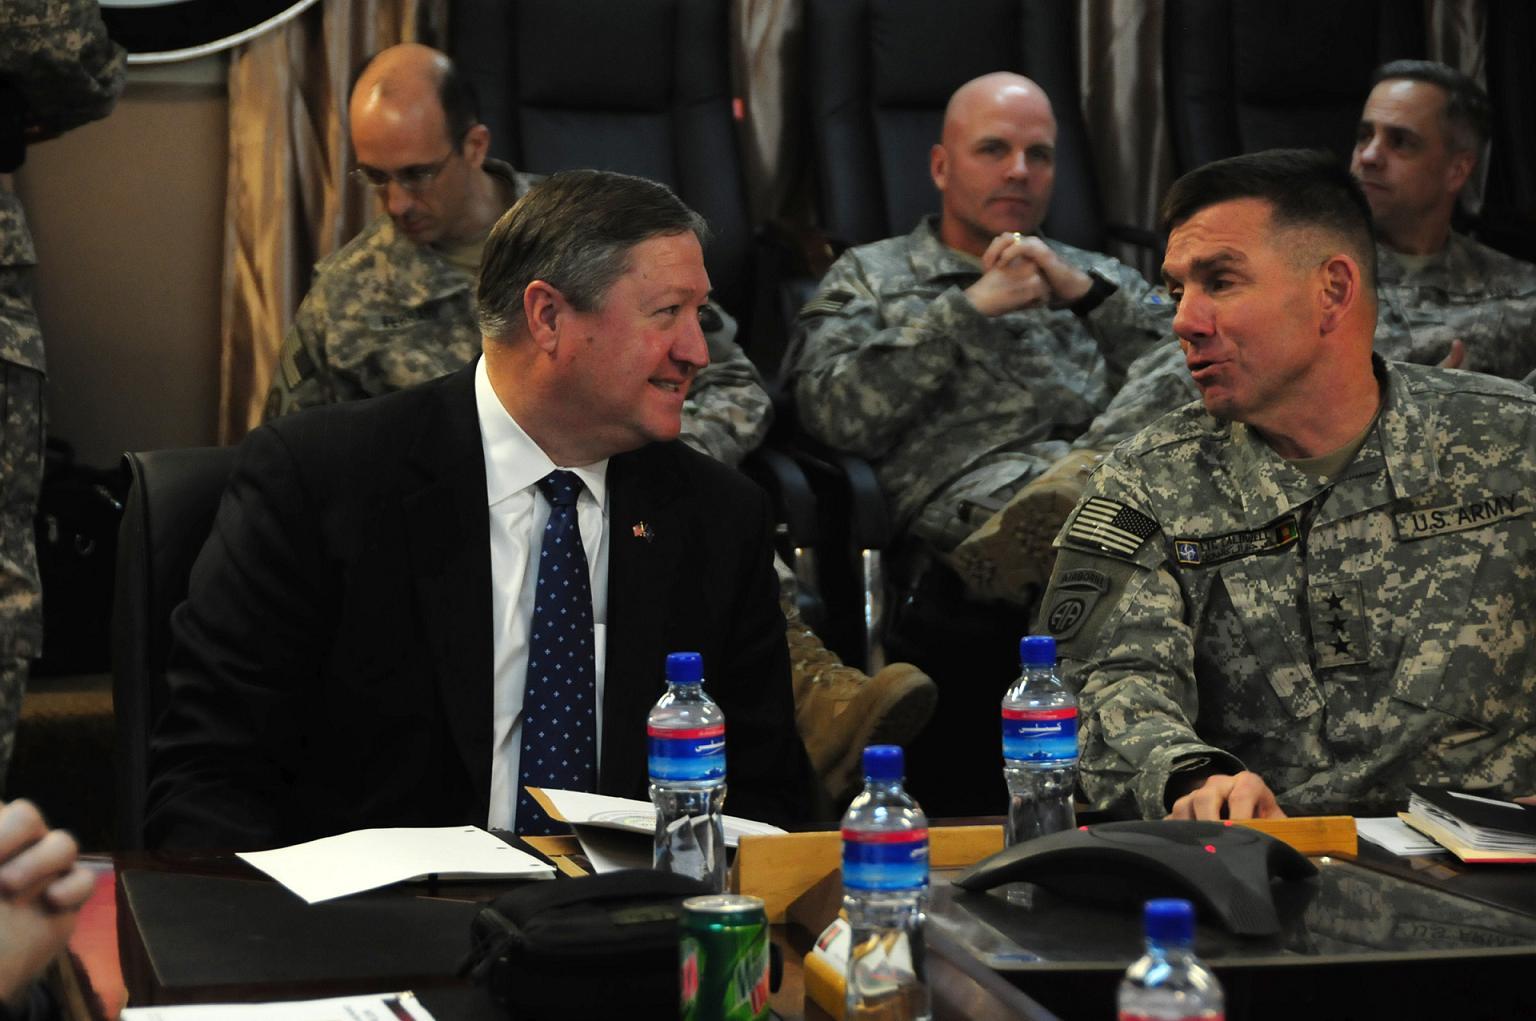 Afghanistan: comment un général américain a utilisé les opérations psychologiques contre des parlementaires